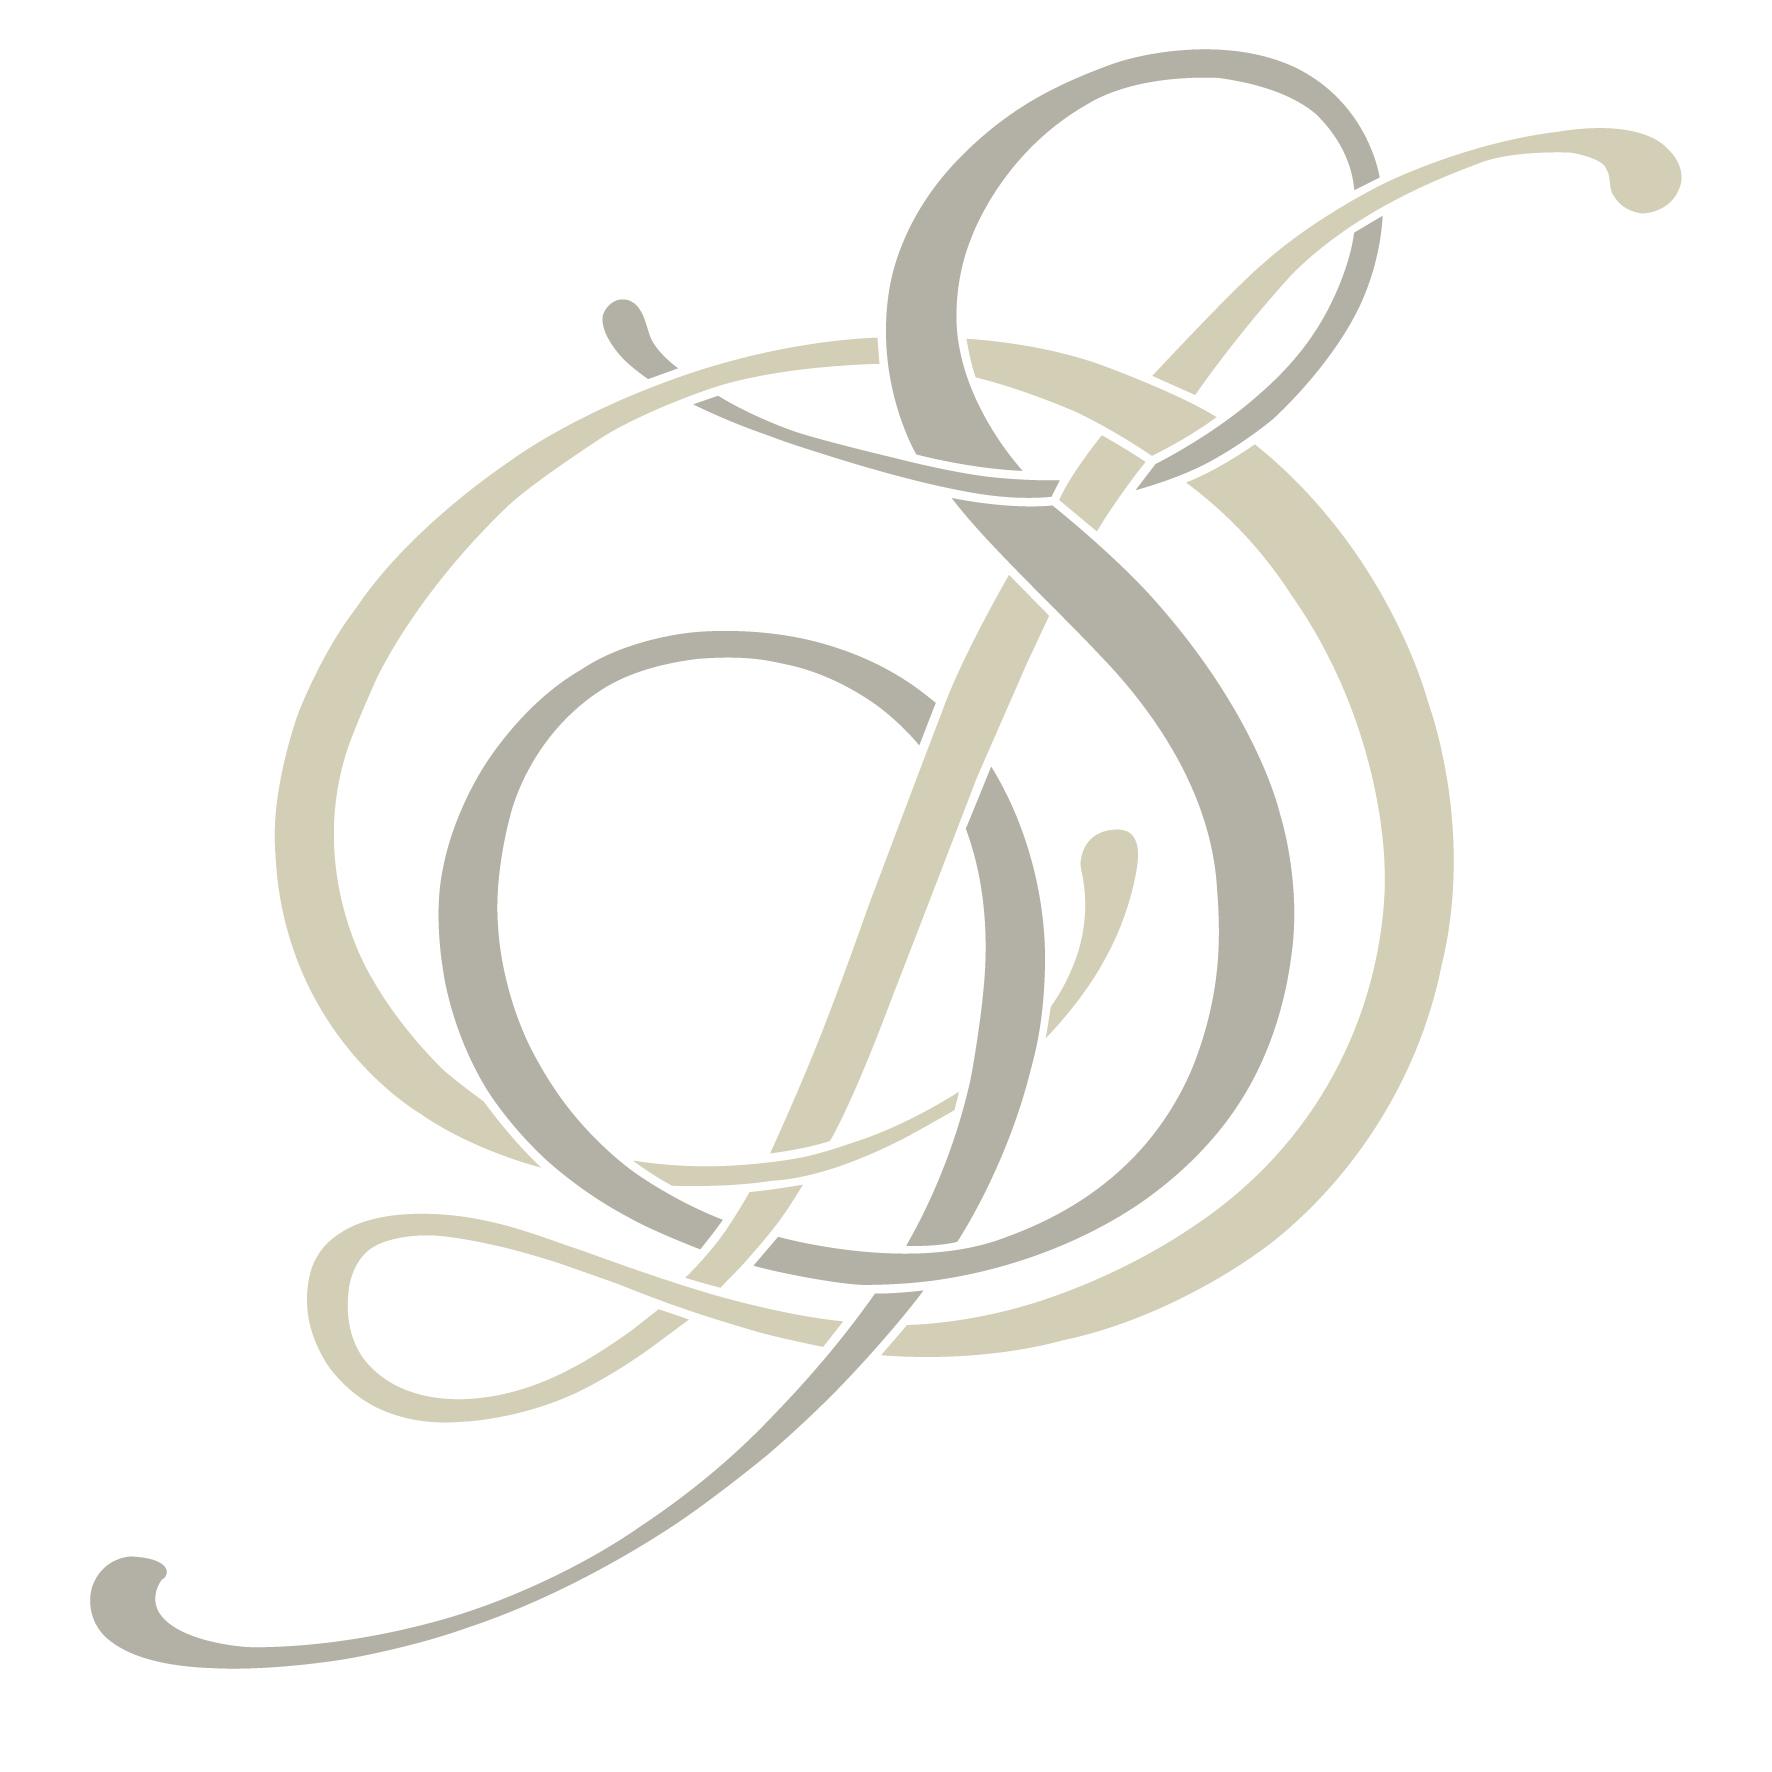 DS monogram-02.jpg